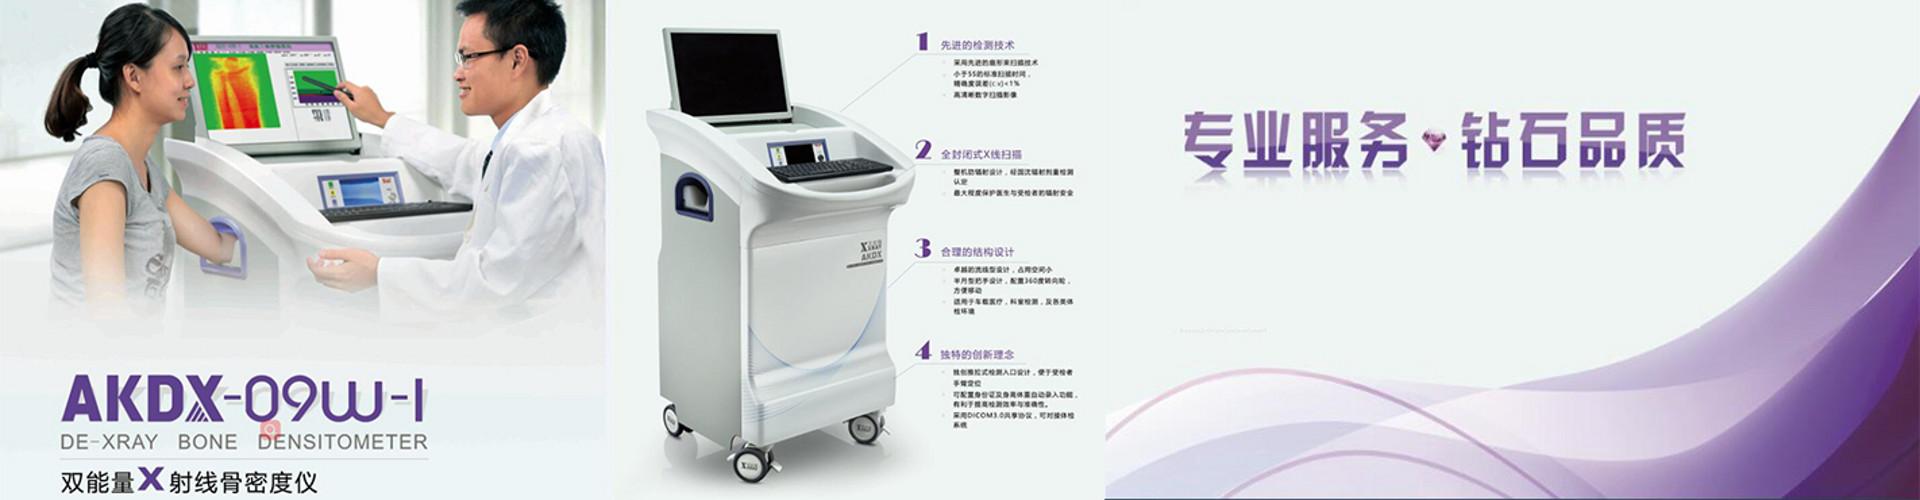 骨密度仪_双能量X射线骨密度仪_双能X射线骨密度仪